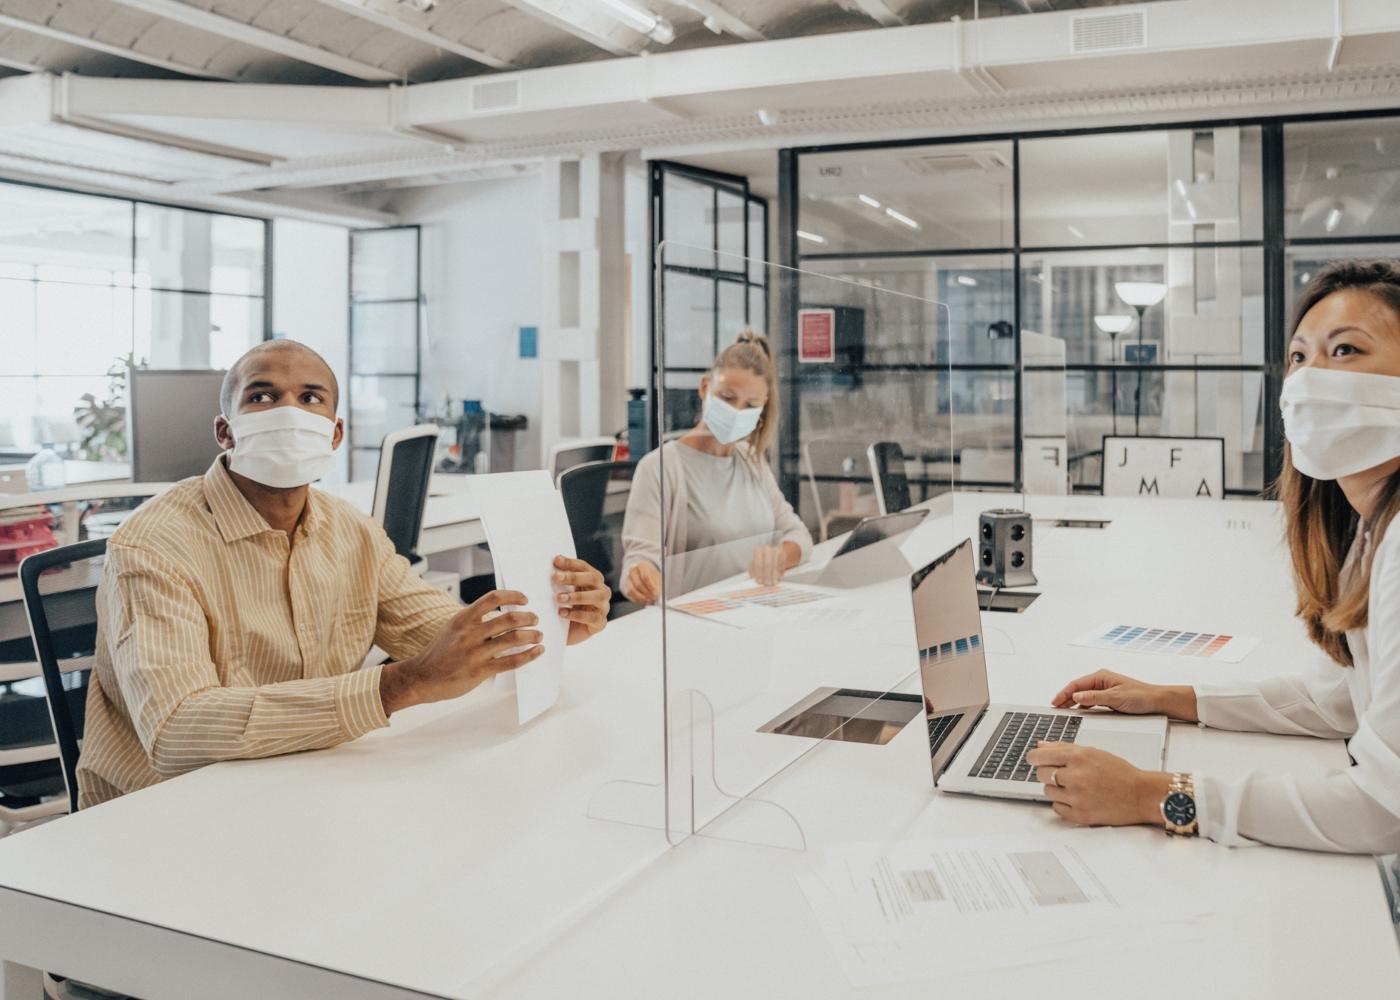 Pessoas com máscara no local de trabalho